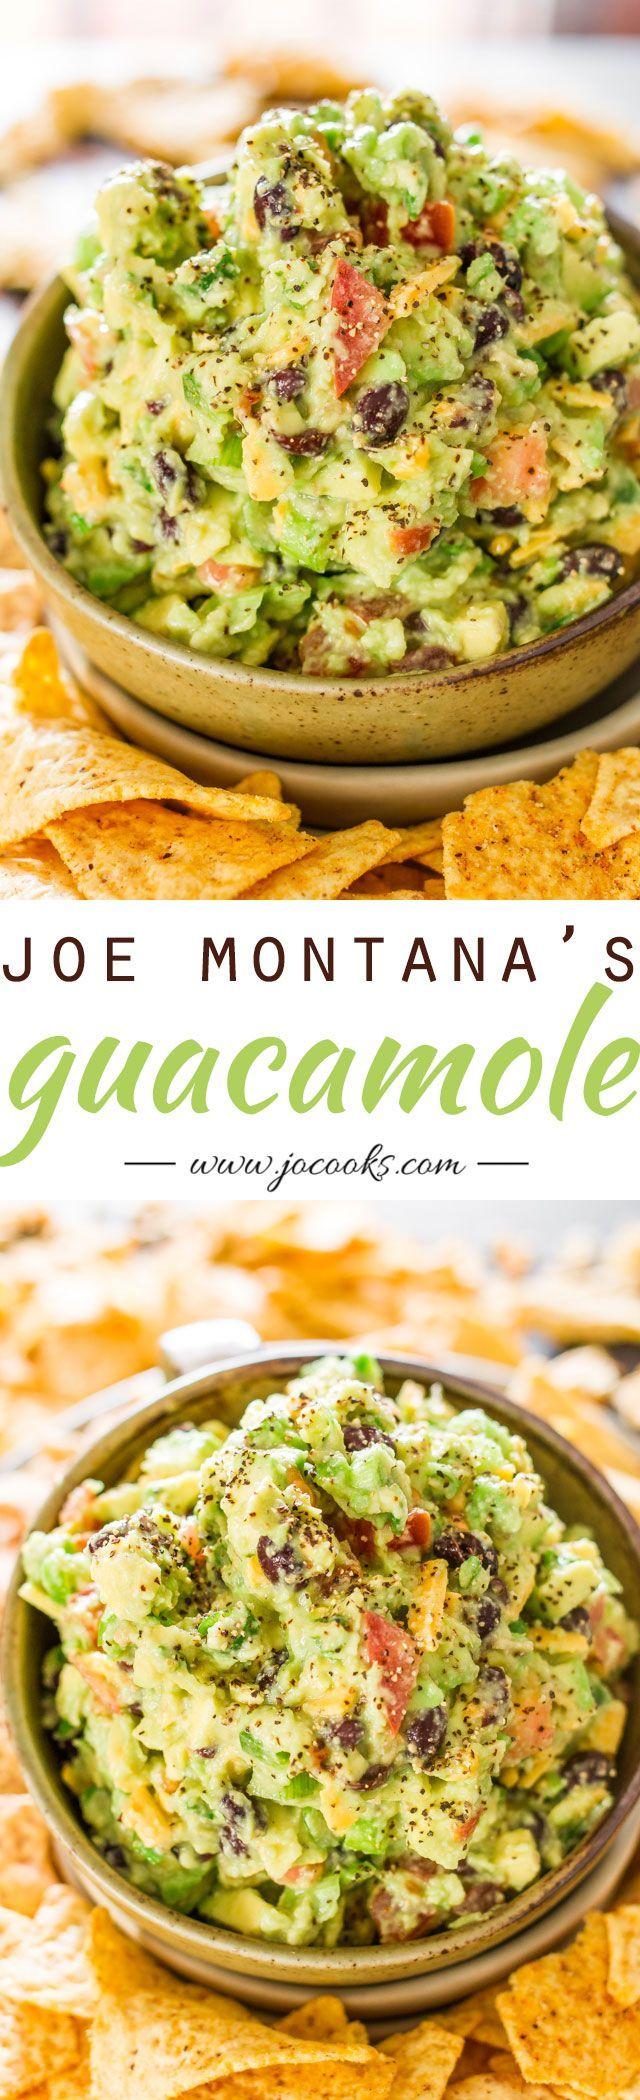 Joe Montana's Touchdown Guacamole